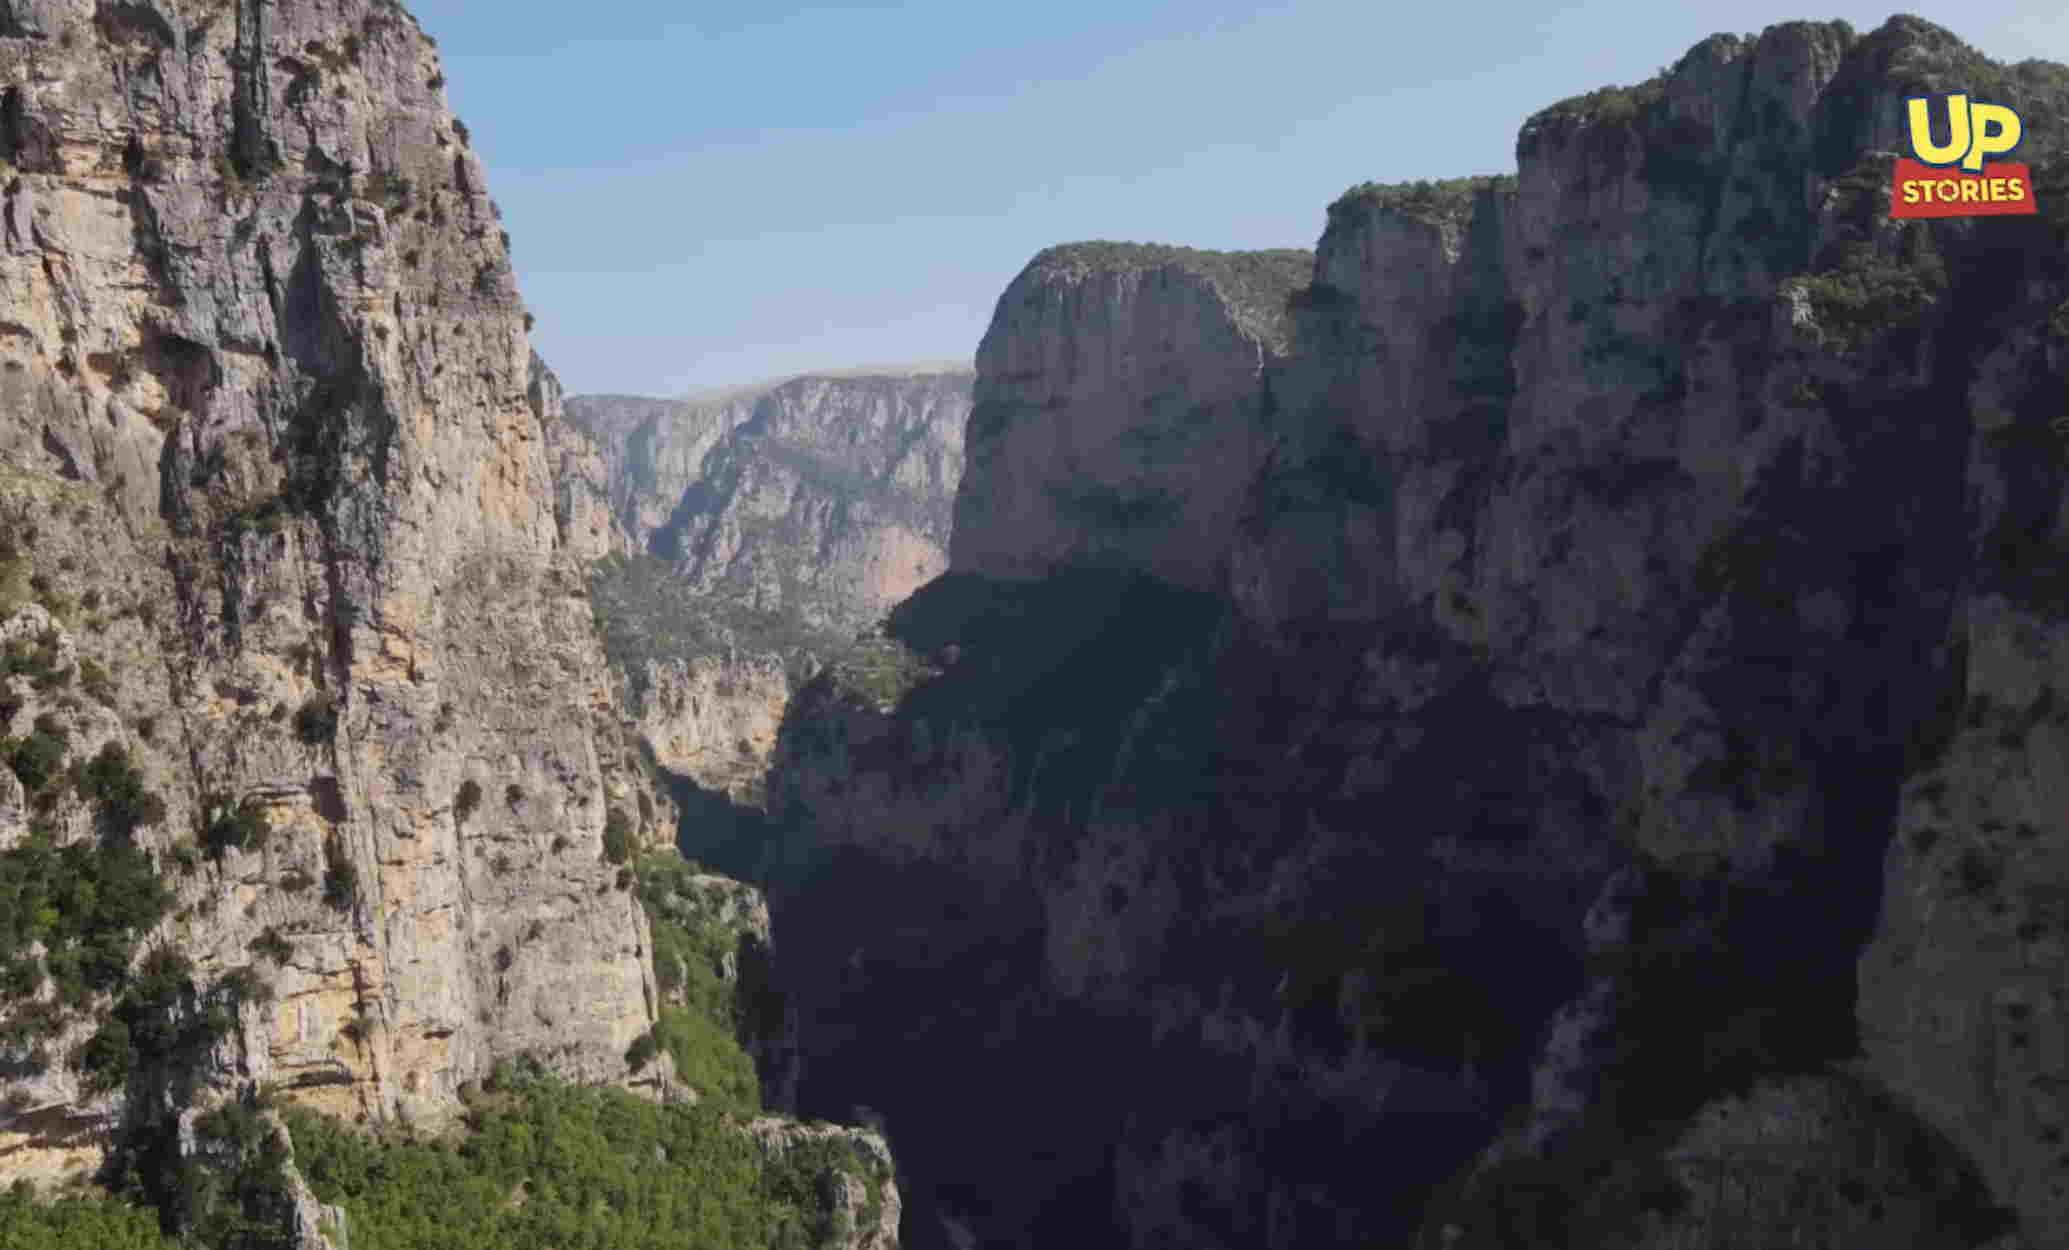 Μονοδένδρι – Αγία Παρασκευή: Το πιο επικίνδυνο μονοπάτι της Ελλάδας